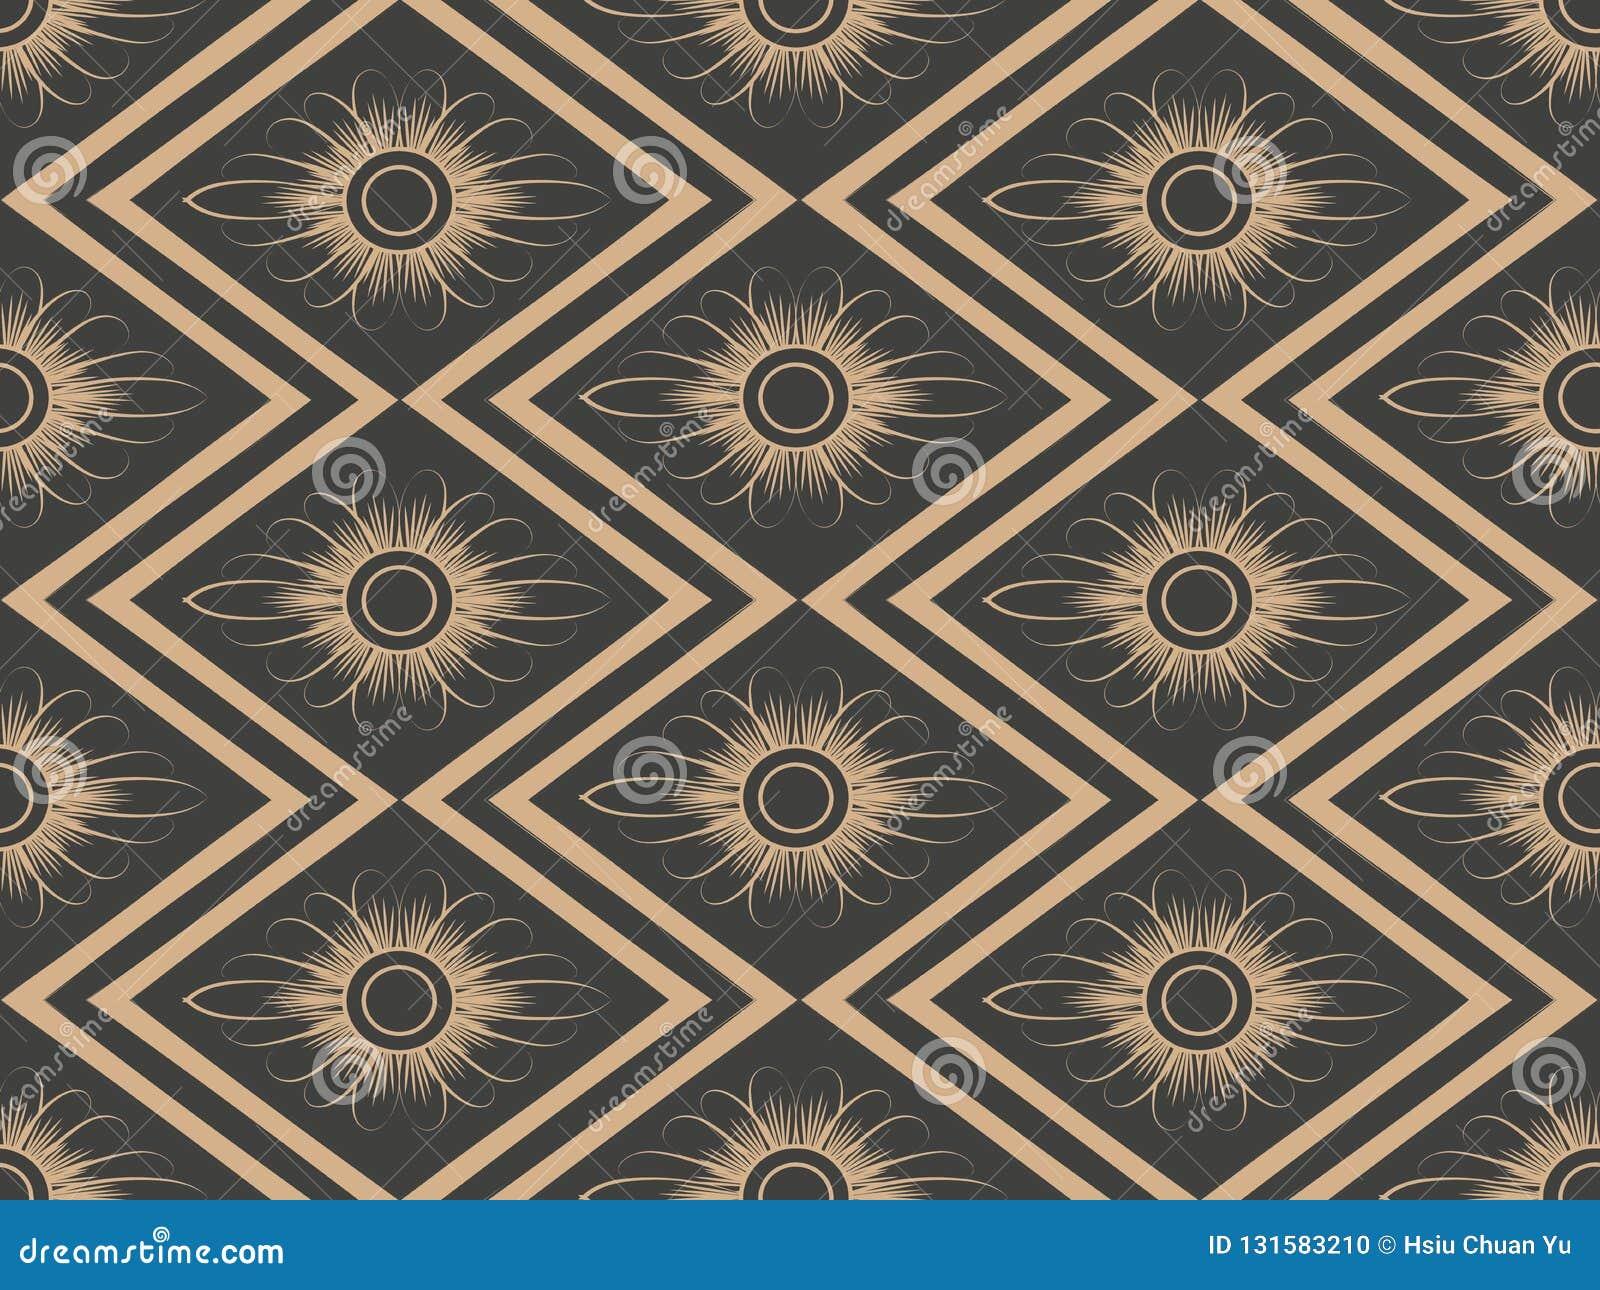 För modellbakgrund för vektor damast sömlös retro blomma för ram för kors för geometri för romb för kontroll Elegant lyxig brun s